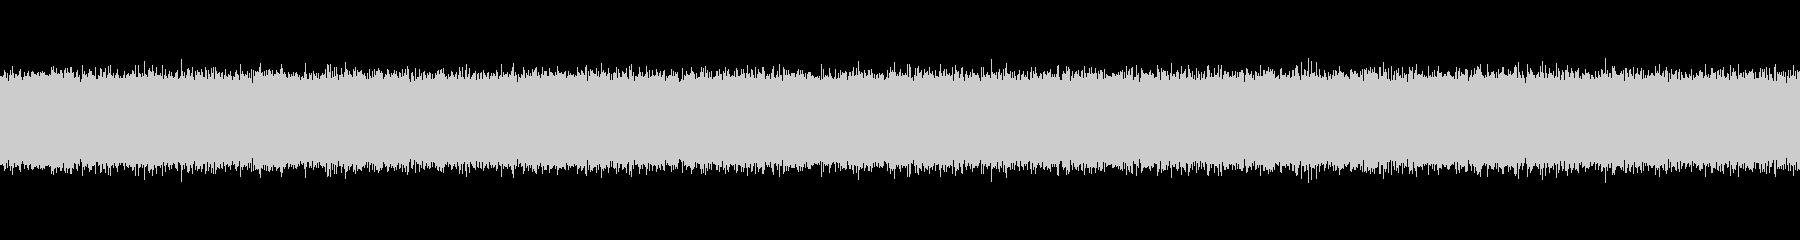 テレビの静的ホワイトノイズの未再生の波形